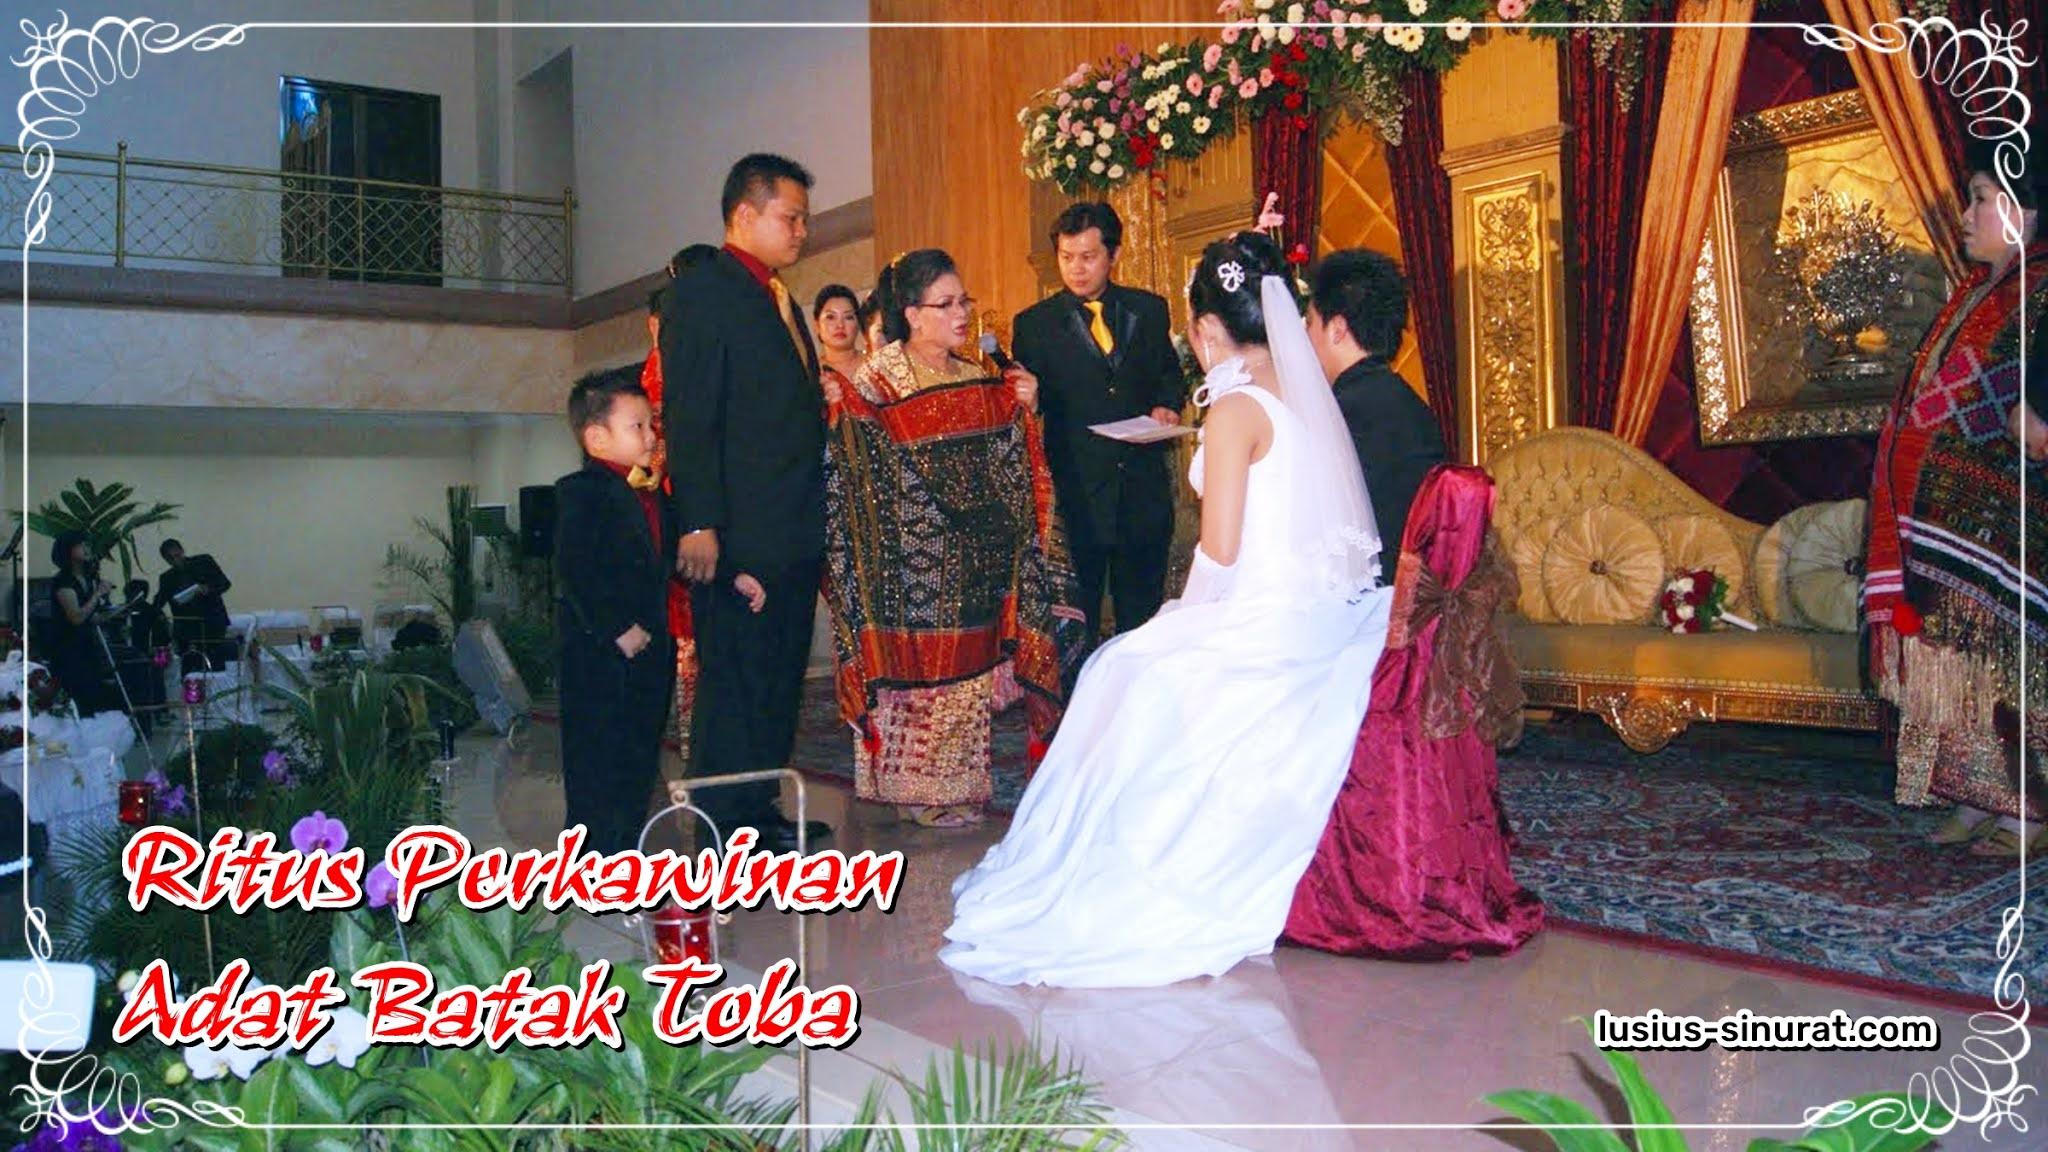 Rangkaian Upacara Perkawinan Adat